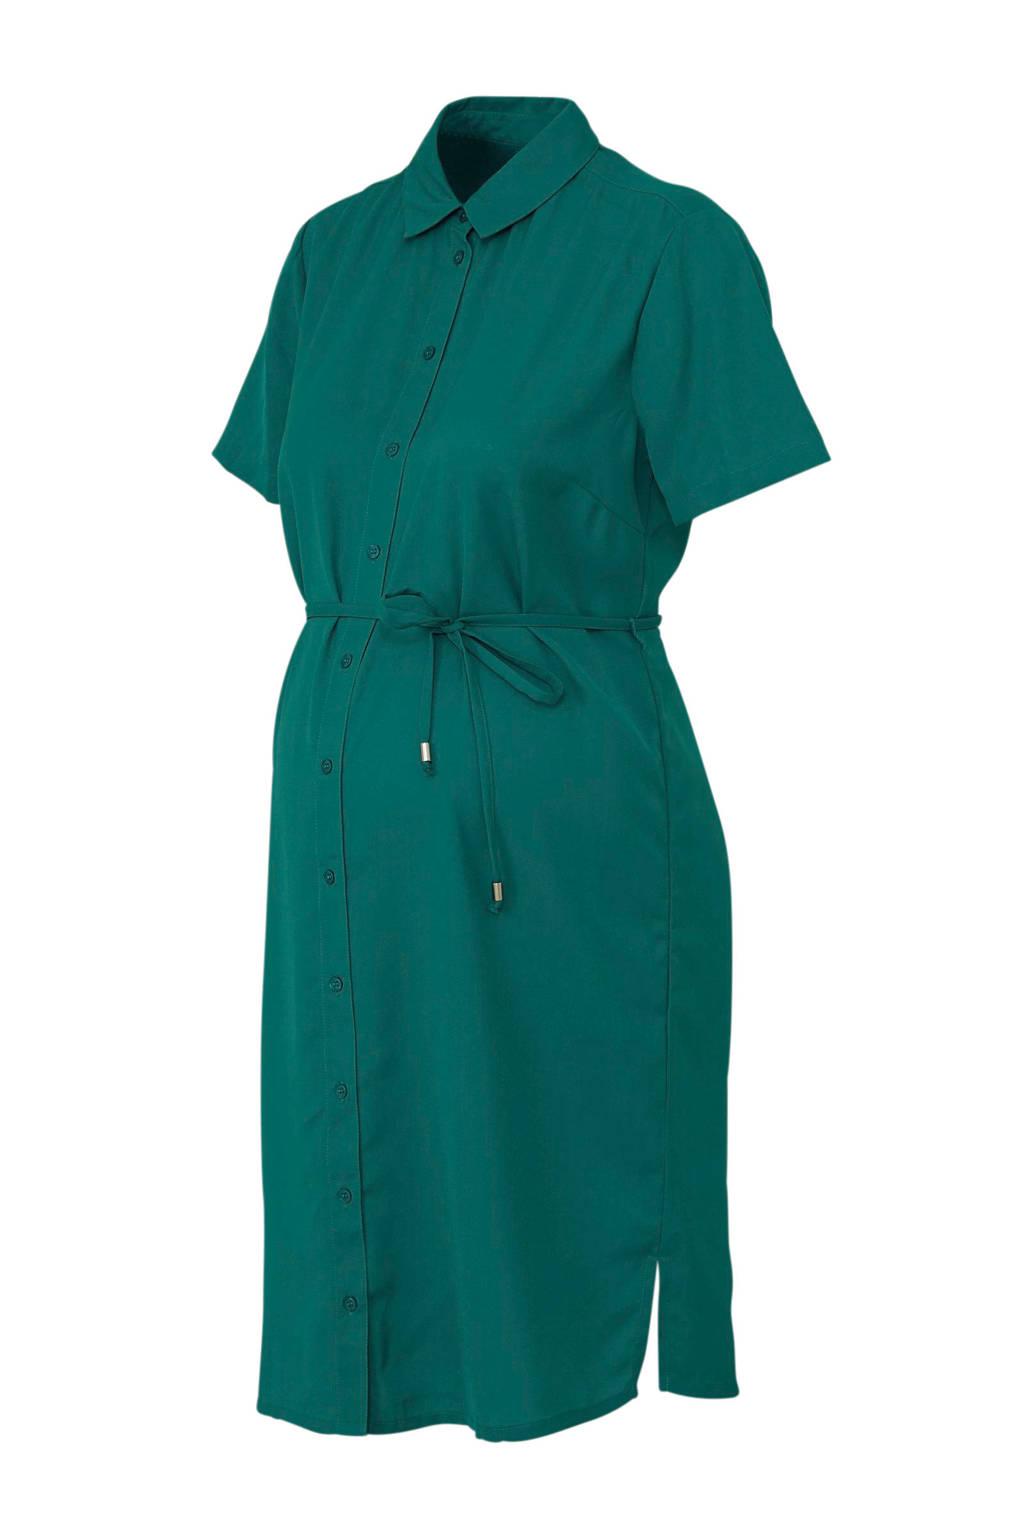 wehkamp zwangerschaps-blousejurk, Smaragdgroen